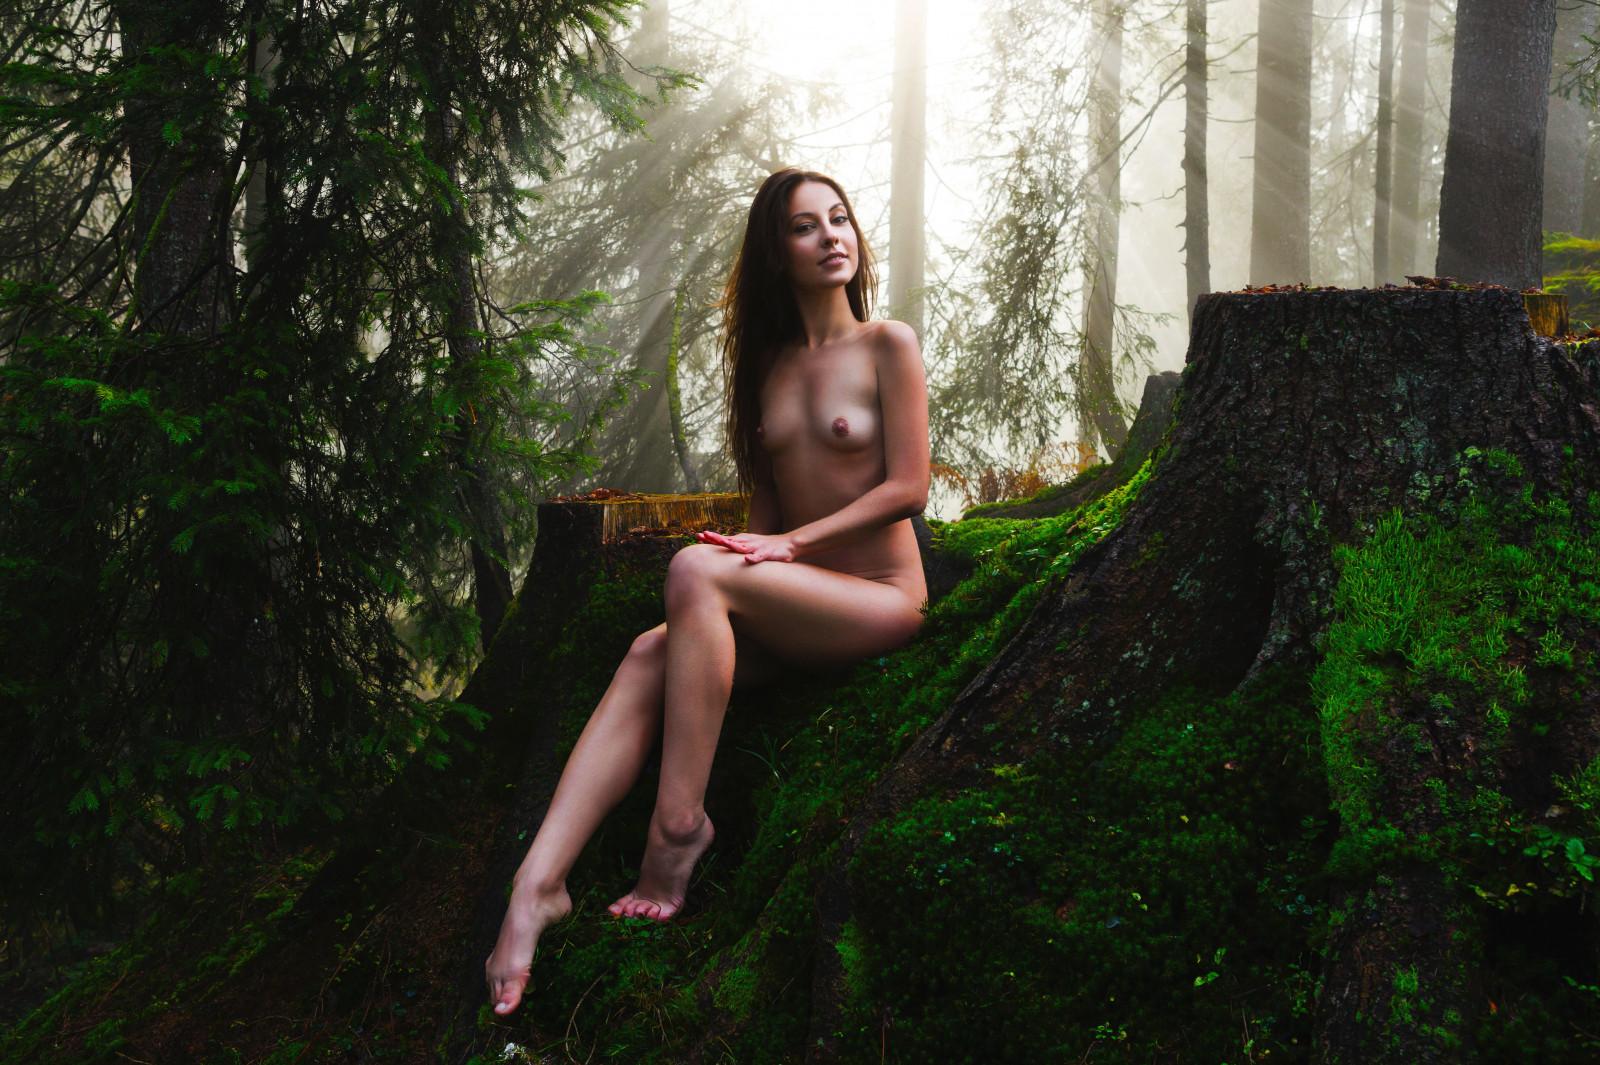 смотреть эротику в лесу надо